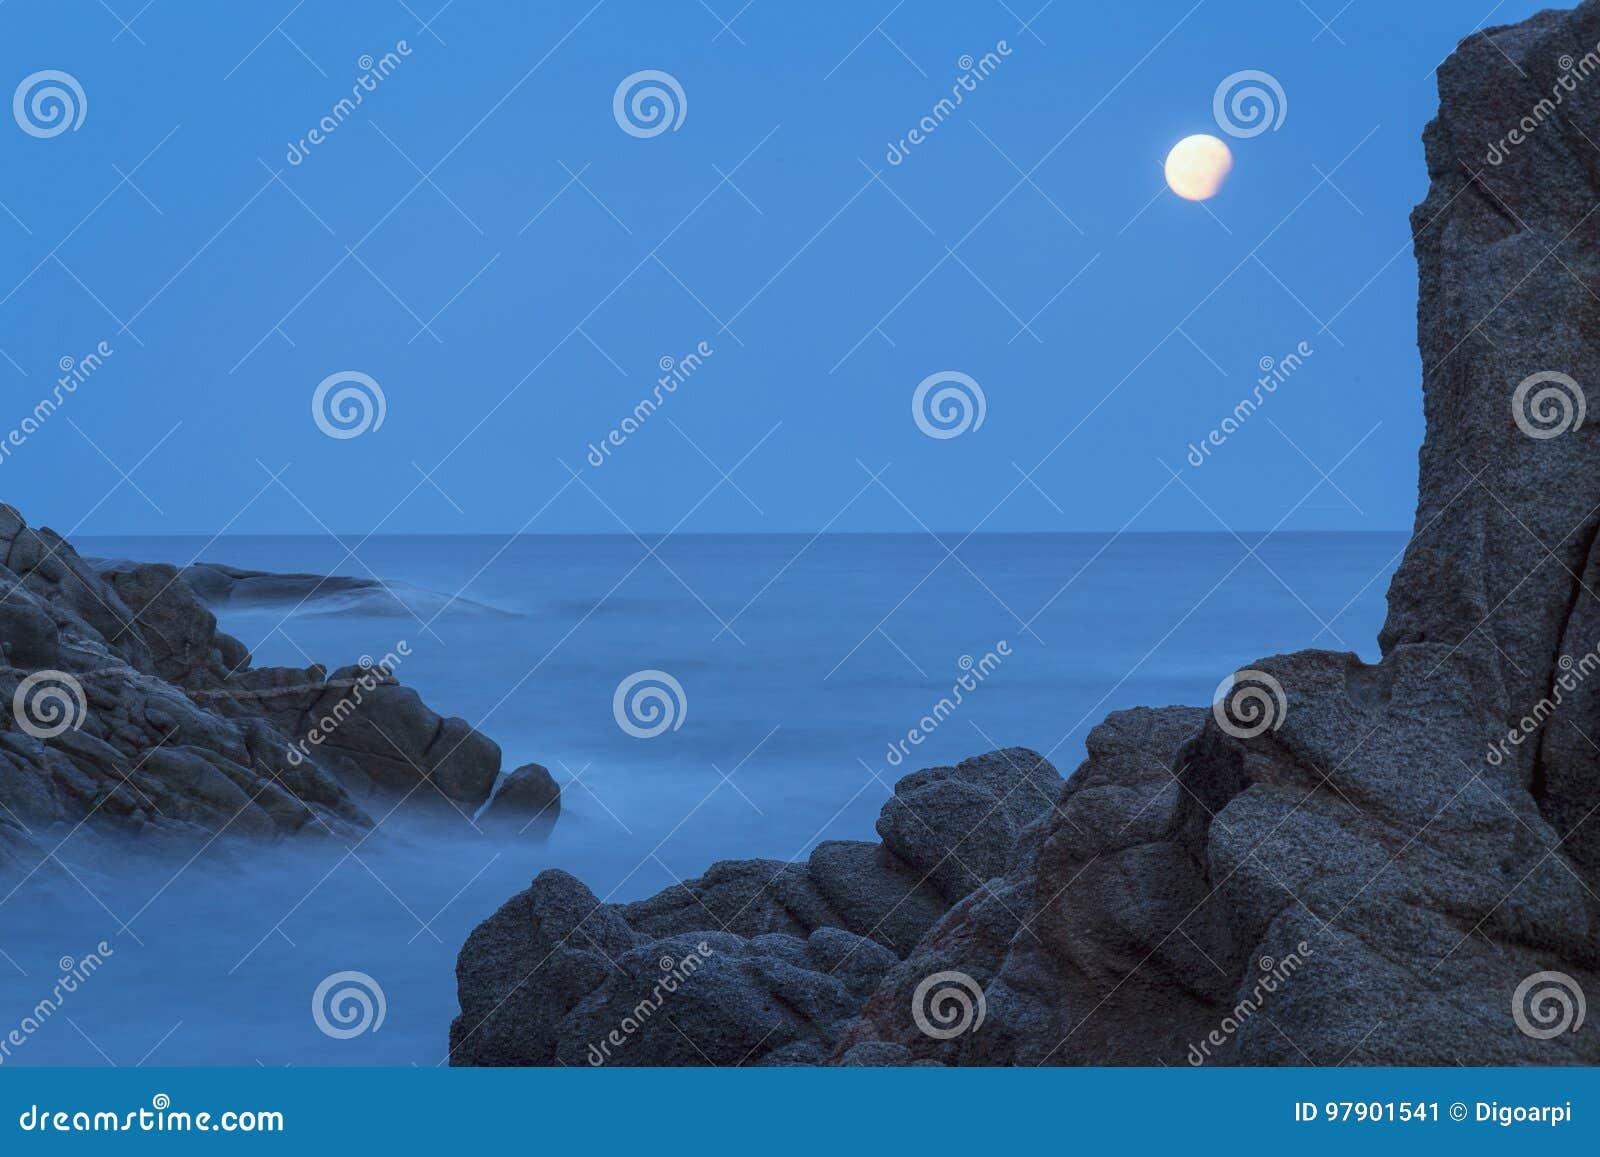 Tir côtier de nuit avec des roches, longue photo d exposition de côte